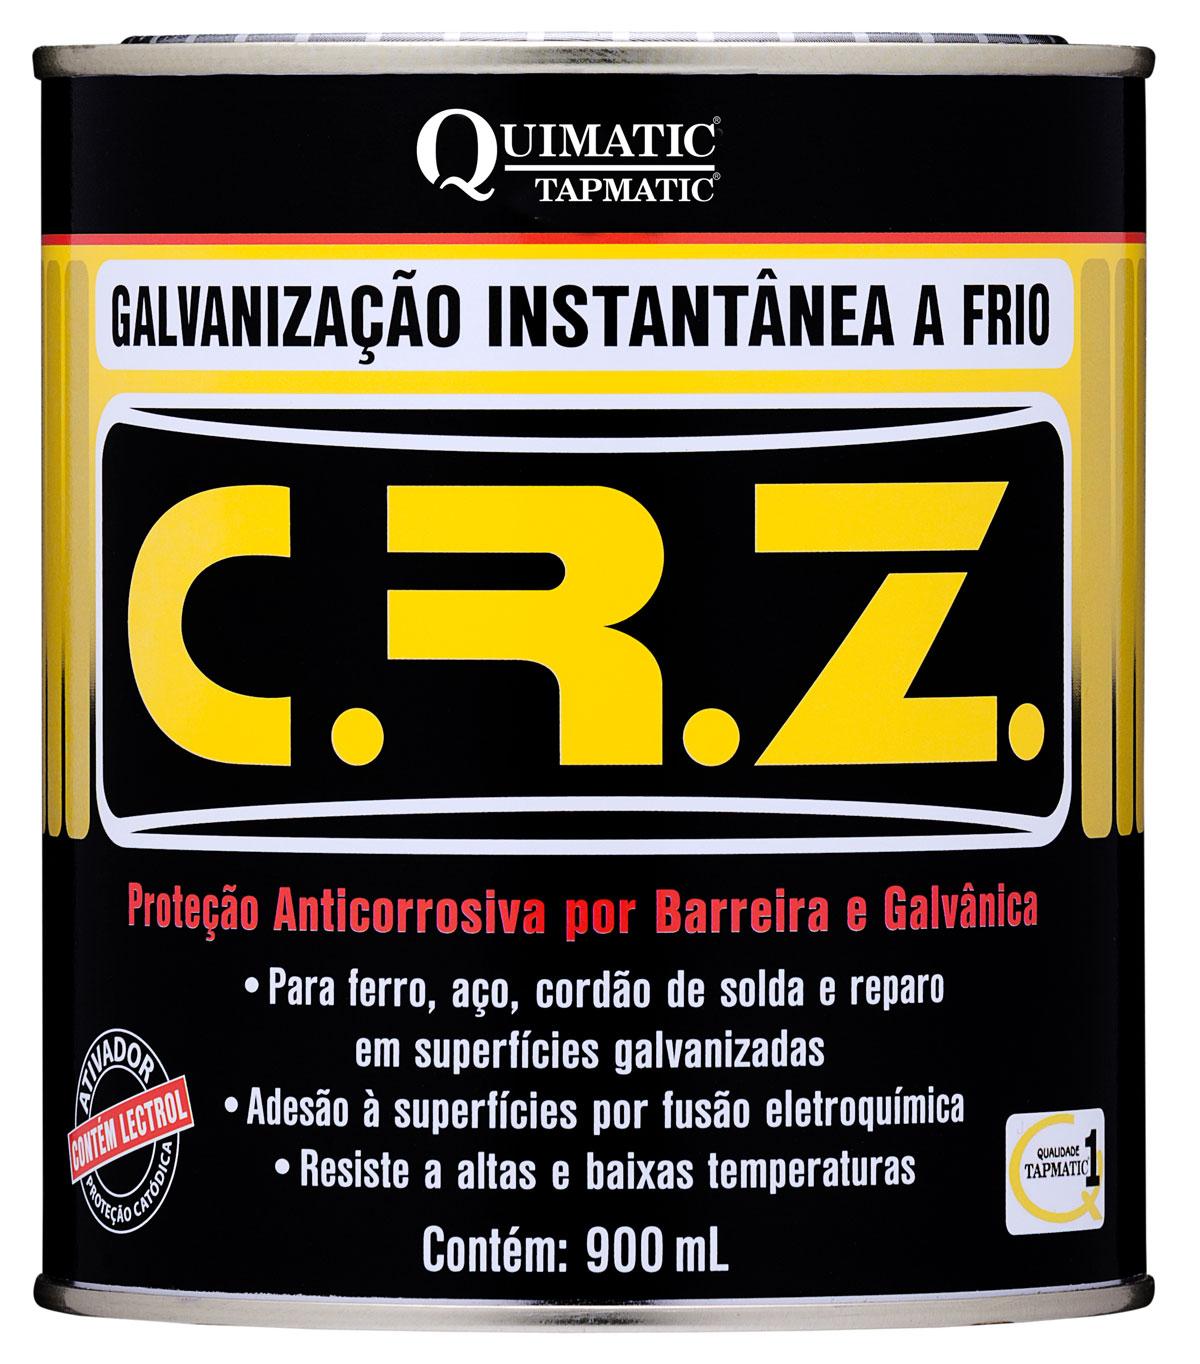 CRZ Galvanização Instantânea a Frio 900 ML Quimatic